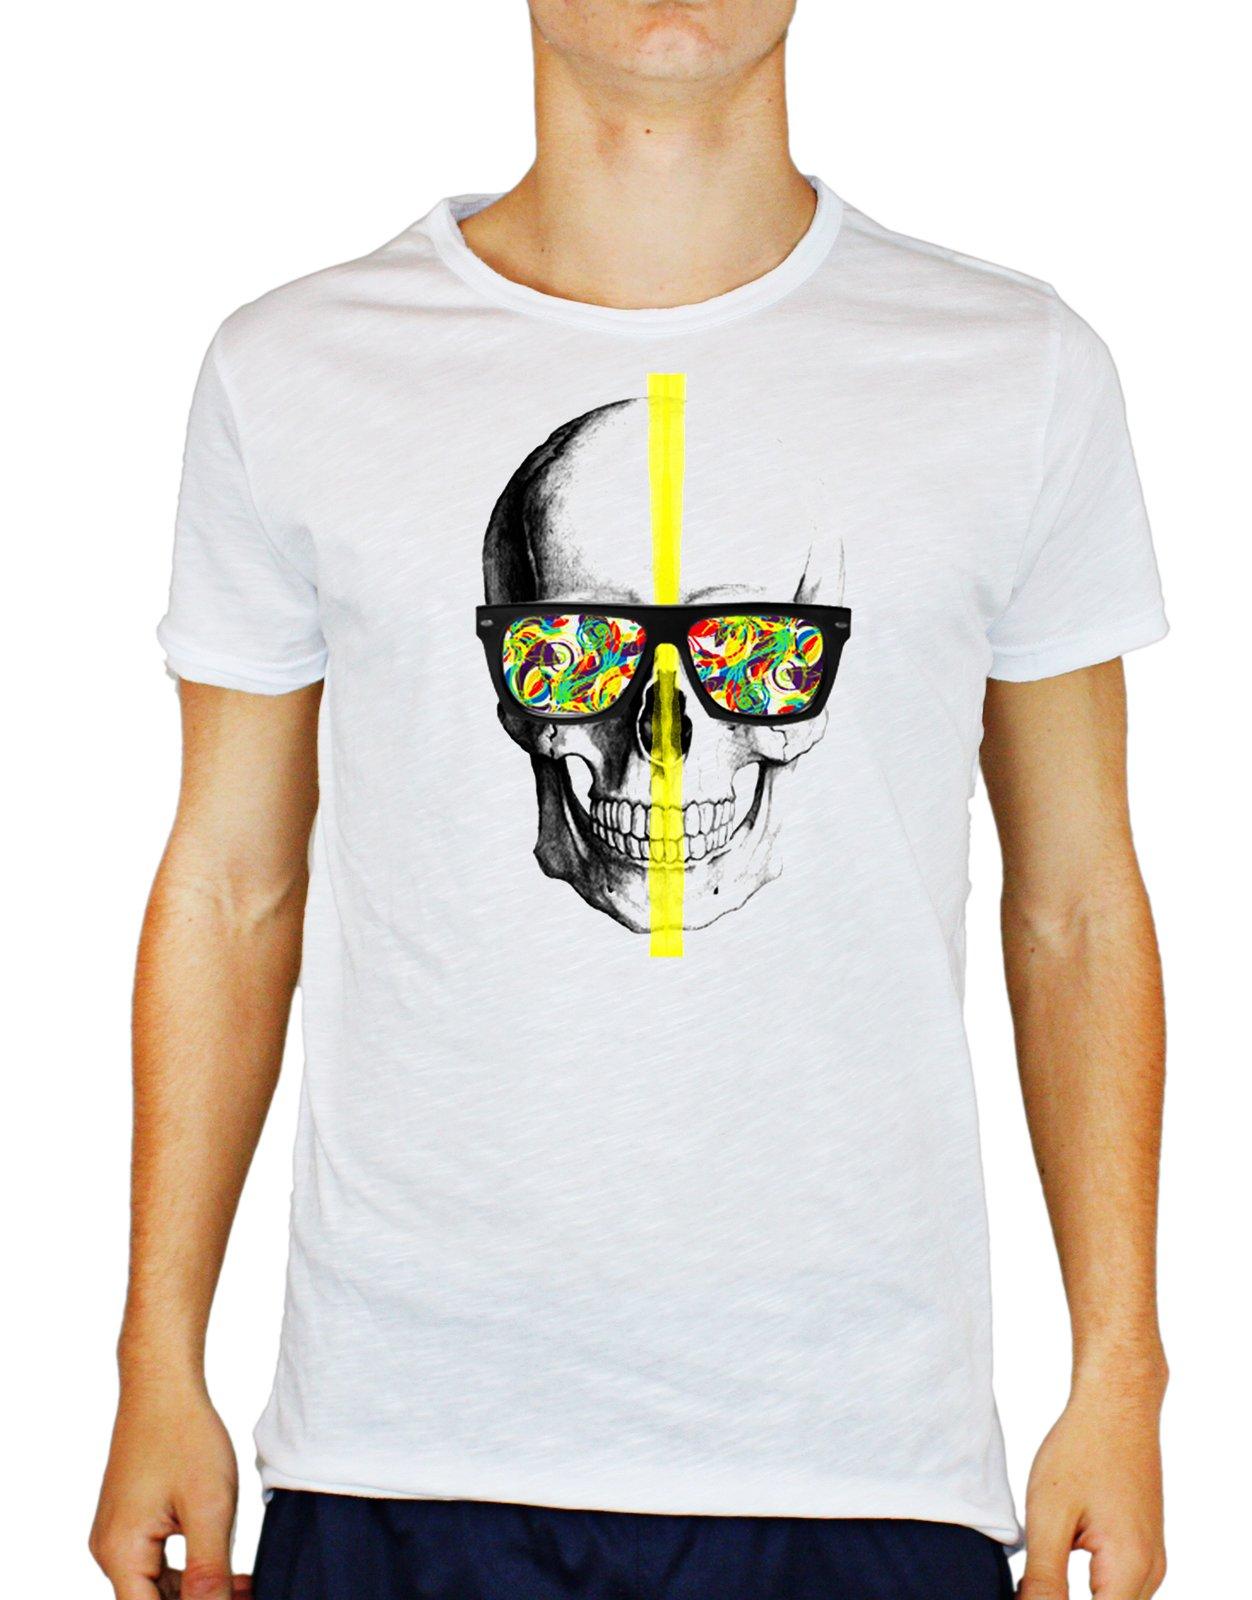 Tshirt uomo cotone fiammato skull glasses -colors - teschio - occhiali da sole - colori - Tutte le t